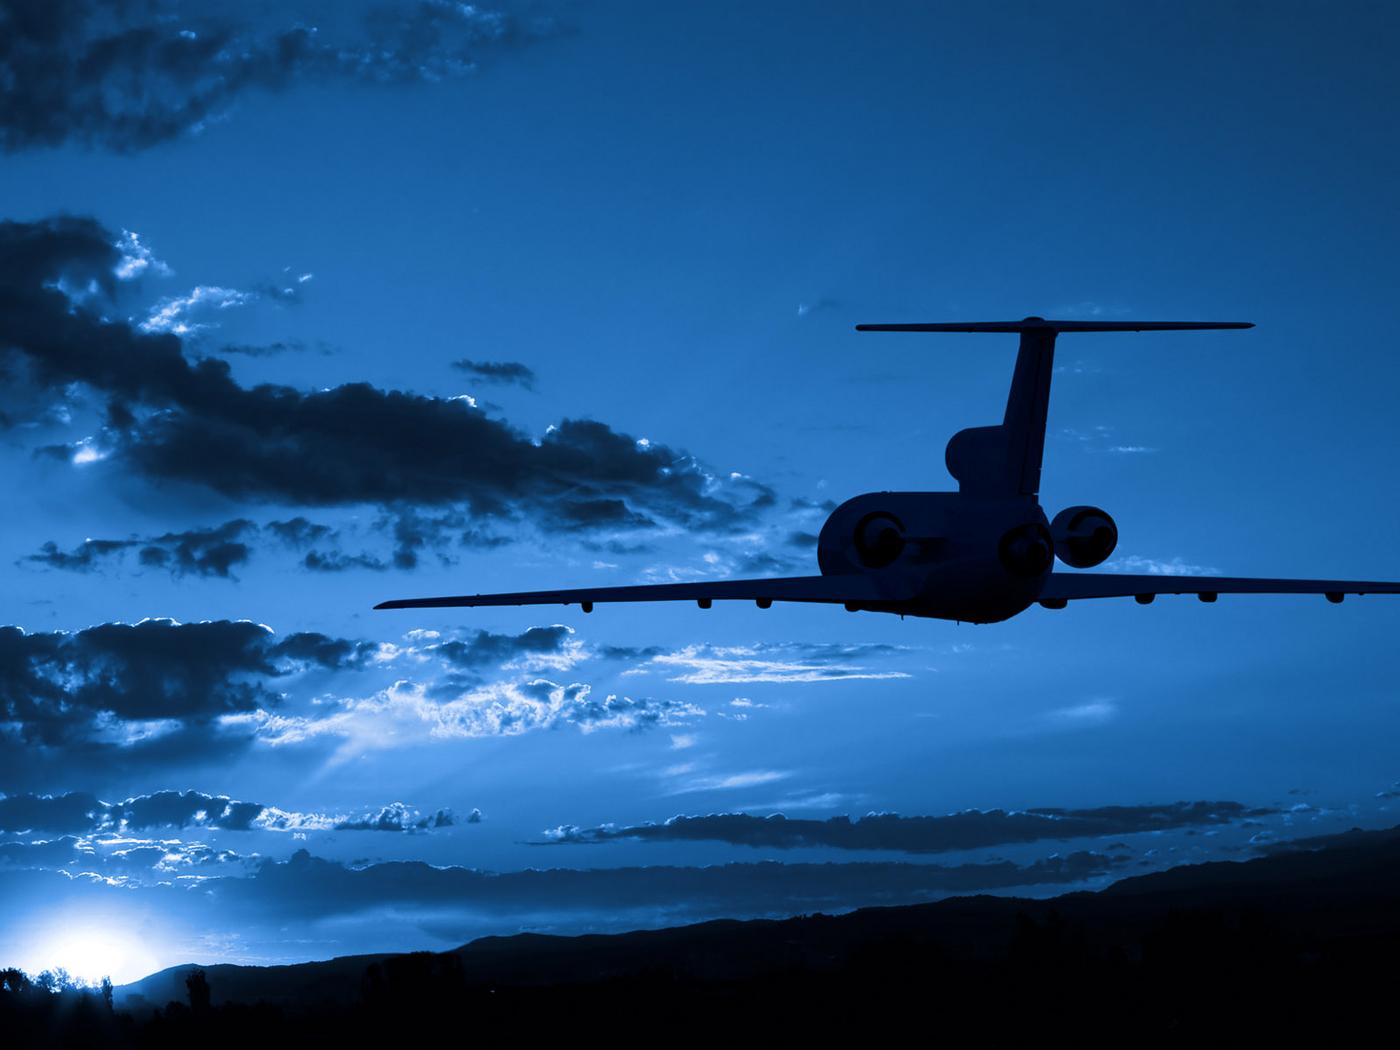 32579 скачать обои Самолеты, Транспорт - заставки и картинки бесплатно